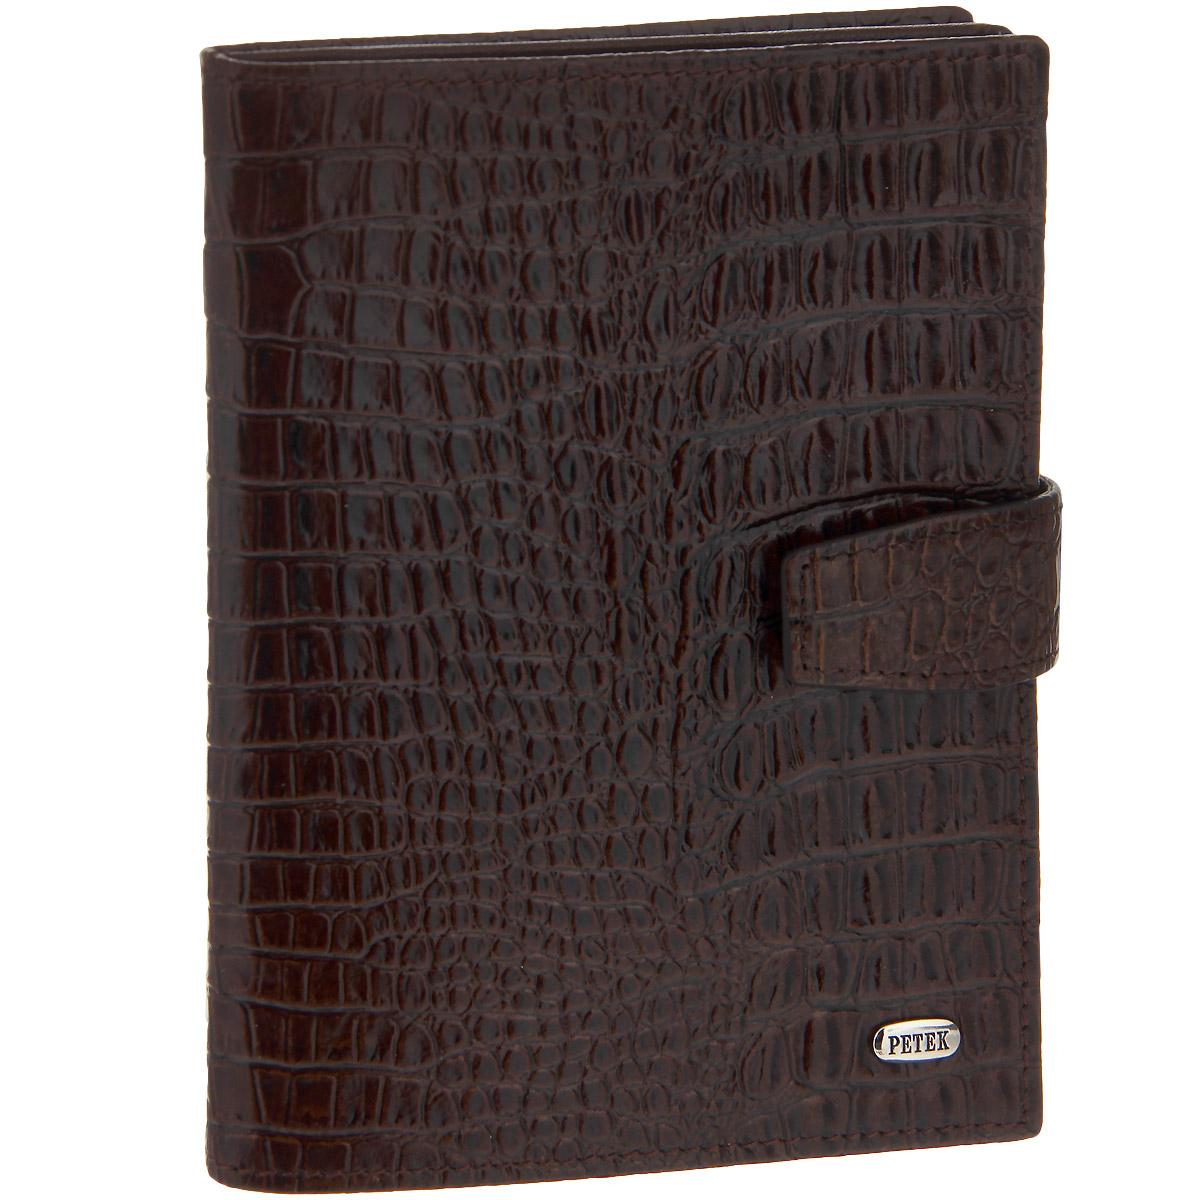 Обложка для паспорта и автодокументов Petek, цвет: коричневый.595.067.02Натуральная кожаЭффектная обложка для паспорта и автодокументов Petek выполнена из натуральной кожи коричневого цвета и декорирована тиснением под кожу рептилии. На лицевой стороне изделие оформлено небольшой металлической пластиной с гравировкой Petek, на внутренней стороне - тиснением в виде названия бренда. Обложка закрывается хлястиком на застежку-кнопку. Модель состоит из двух отделений. Первое предназначено для паспорта и содержит два удобных боковых кармана, которые обеспечат надежную фиксацию вашего документа. Второе - для автодокументов, содержит съемный блок из шести прозрачных файлов из мягкого пластика, один из которых формата А5, а также два боковых прозрачных кармашка. Изделие упаковано в фирменную коробку.Стильная обложка для паспорта и автодокументов не только поможет сохранить их внешний вид и защитить от повреждений, но и станет аксессуаром, который внесет изюминку в ваш образ.